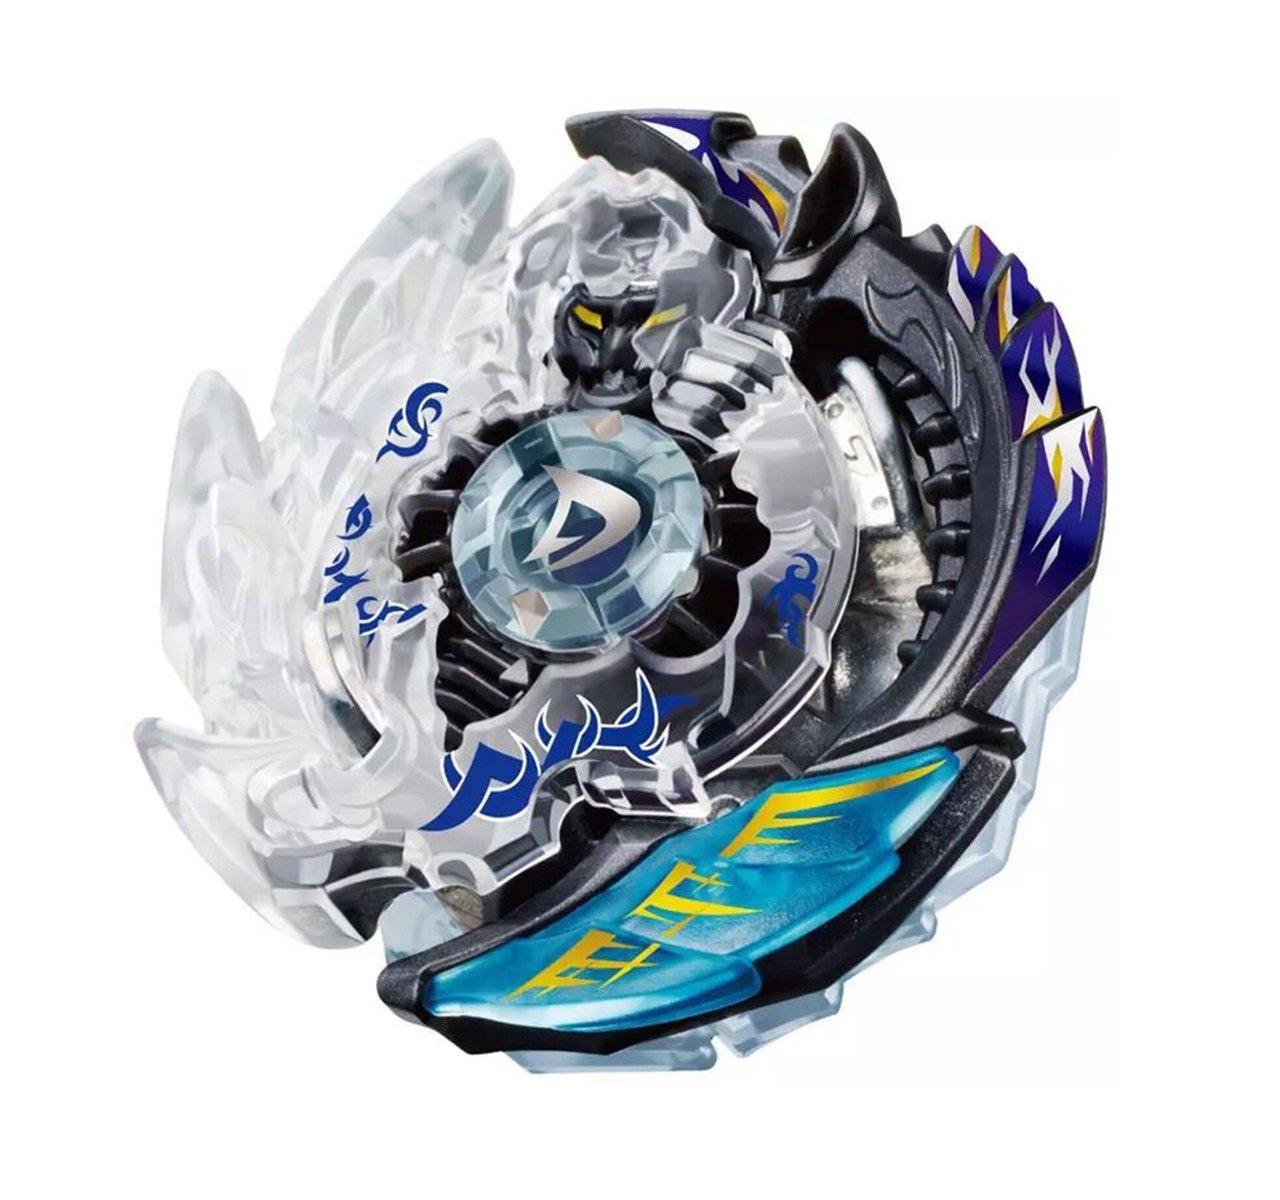 Beyblade Burst Starter Jouet et Cadeaux Int/éressant Jouets /Éducatifs Creative Cadeau Lanceur Supergrip toupies Toupie + Lanceur B85+89 HHUAN 2 Set